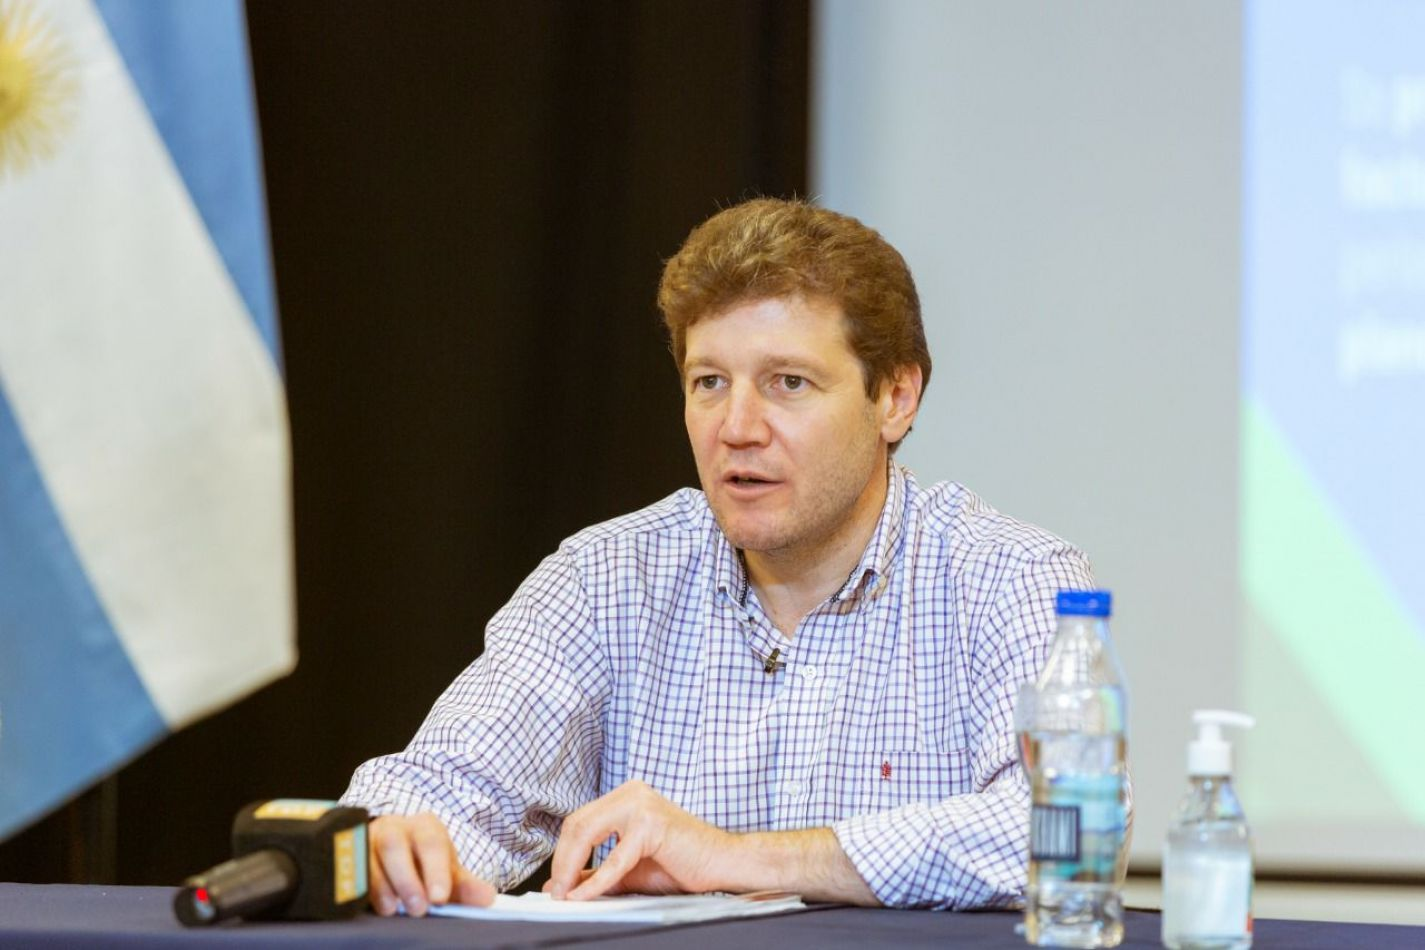 Gobernador de la Provincia de Tierra del Fuego AIAS, Gustavo Melella.